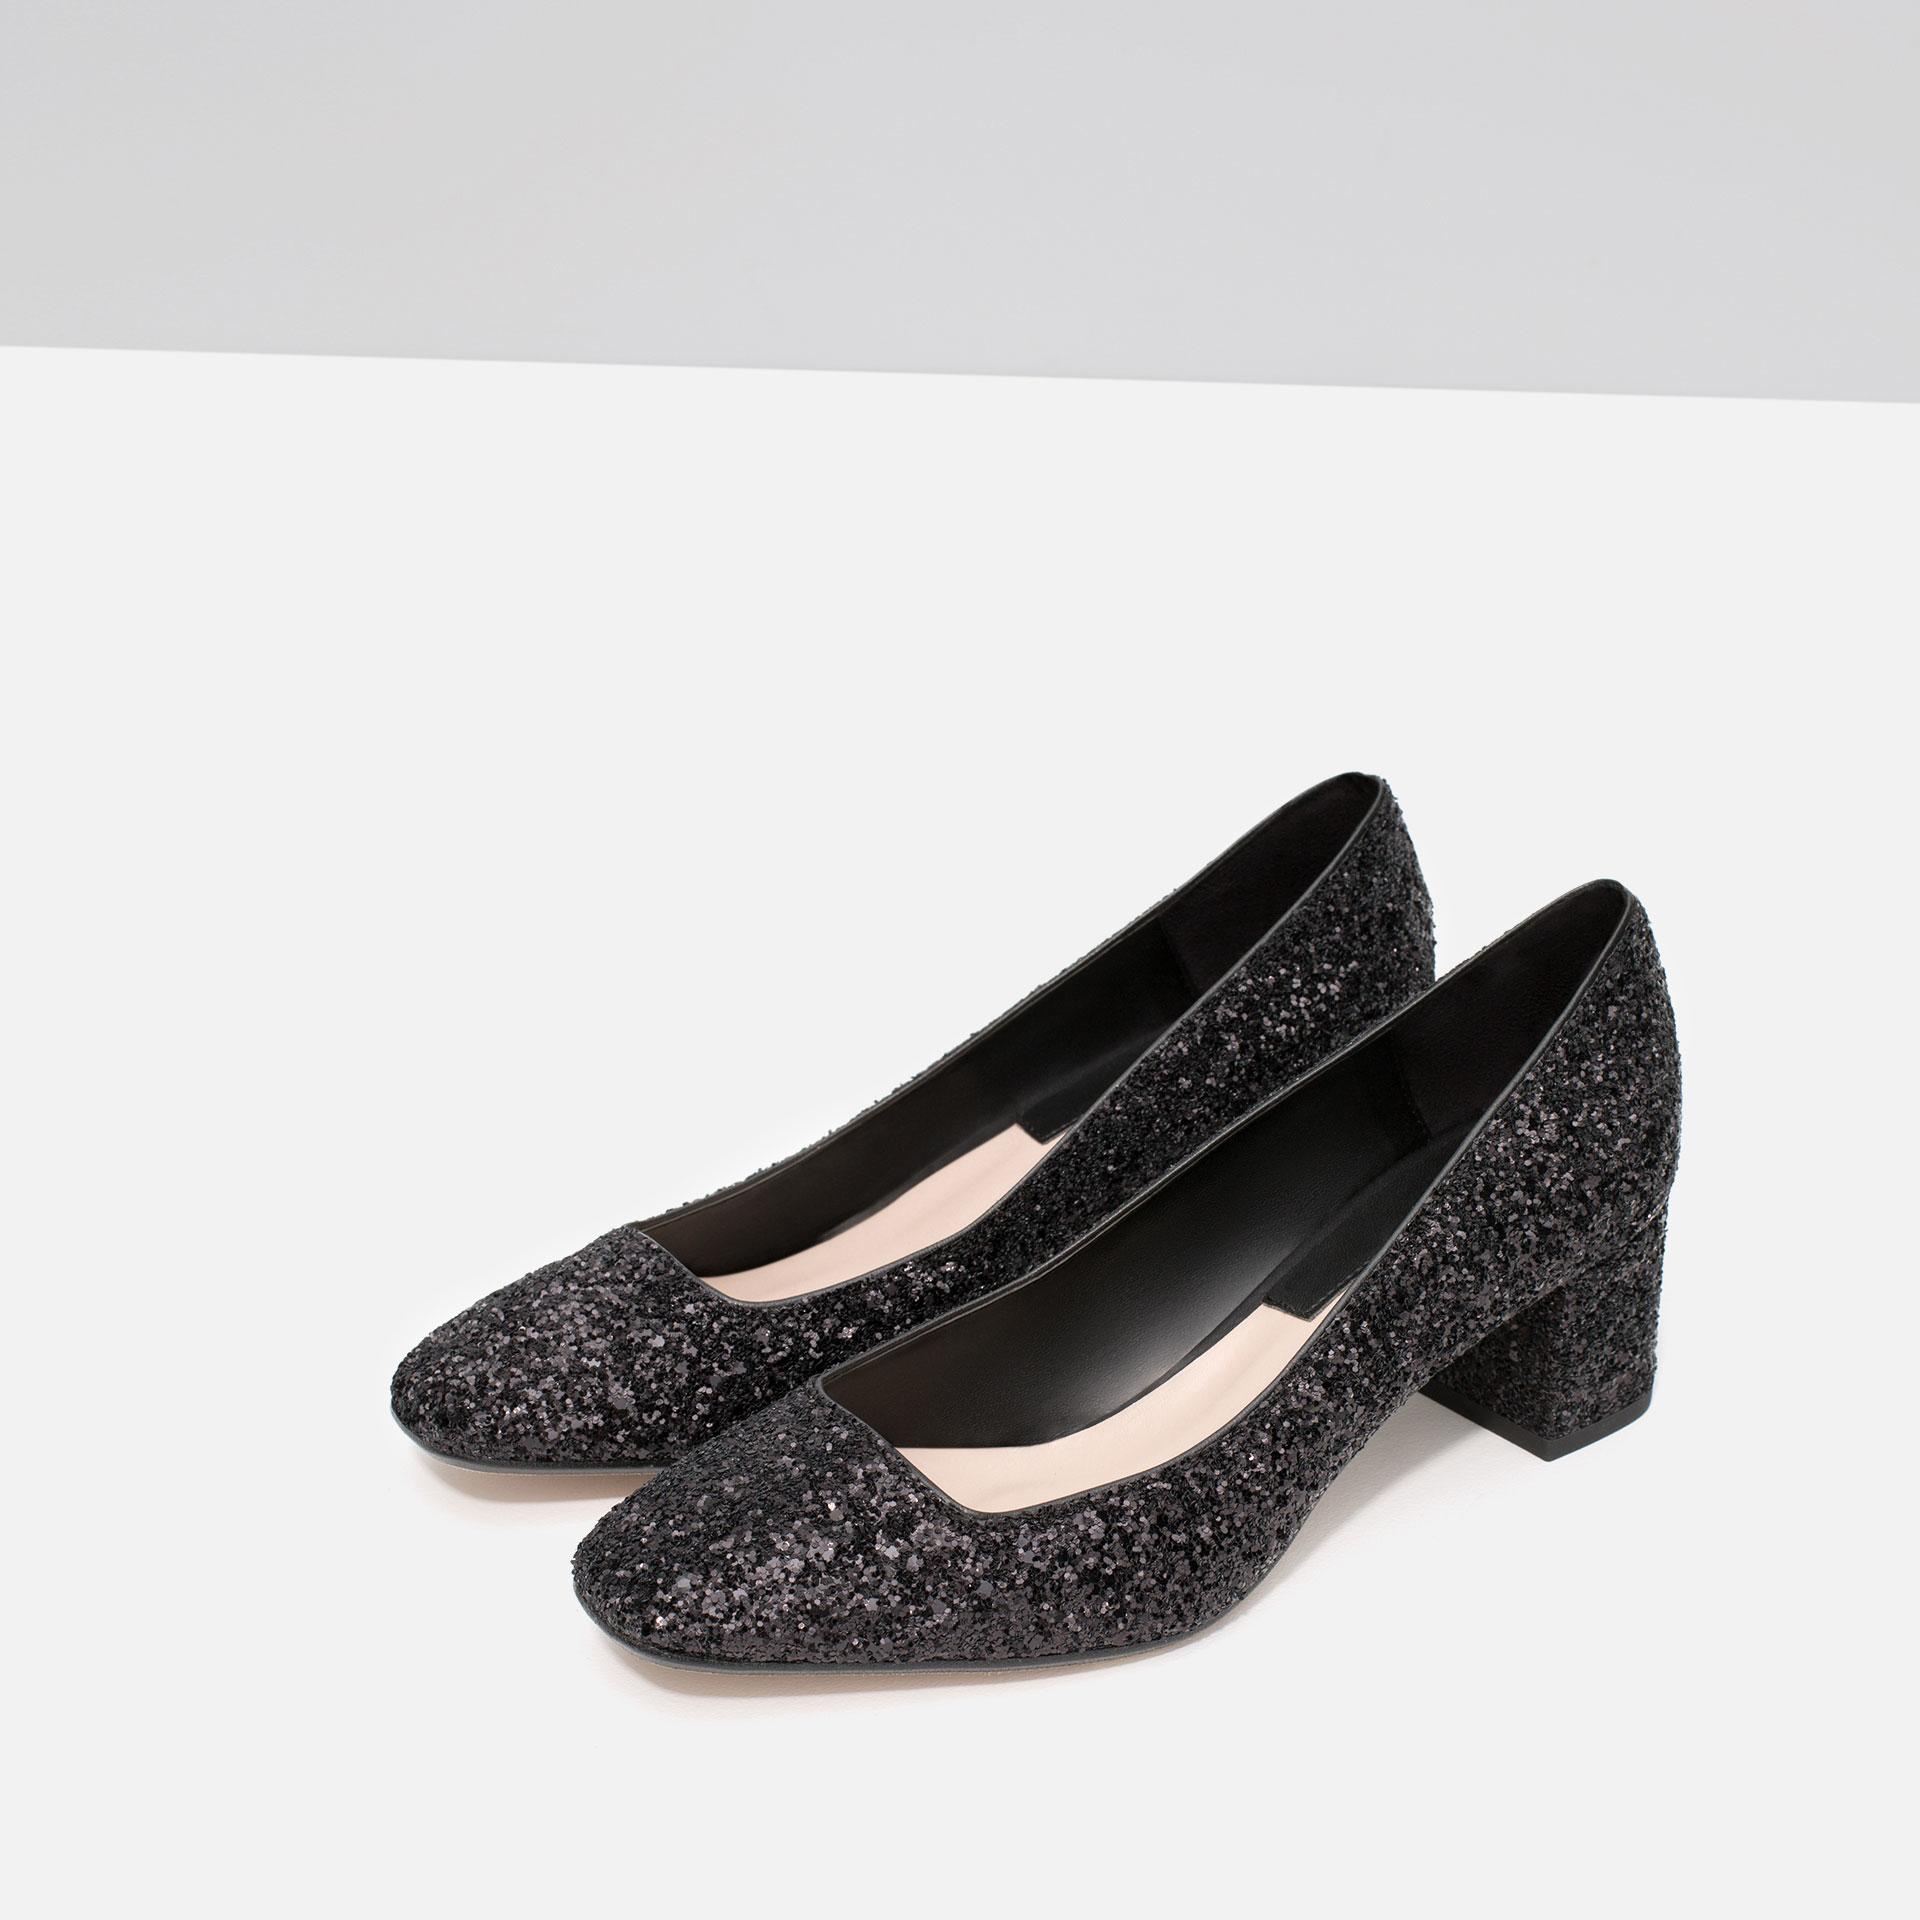 zara mid heel glitter shoes in black lyst